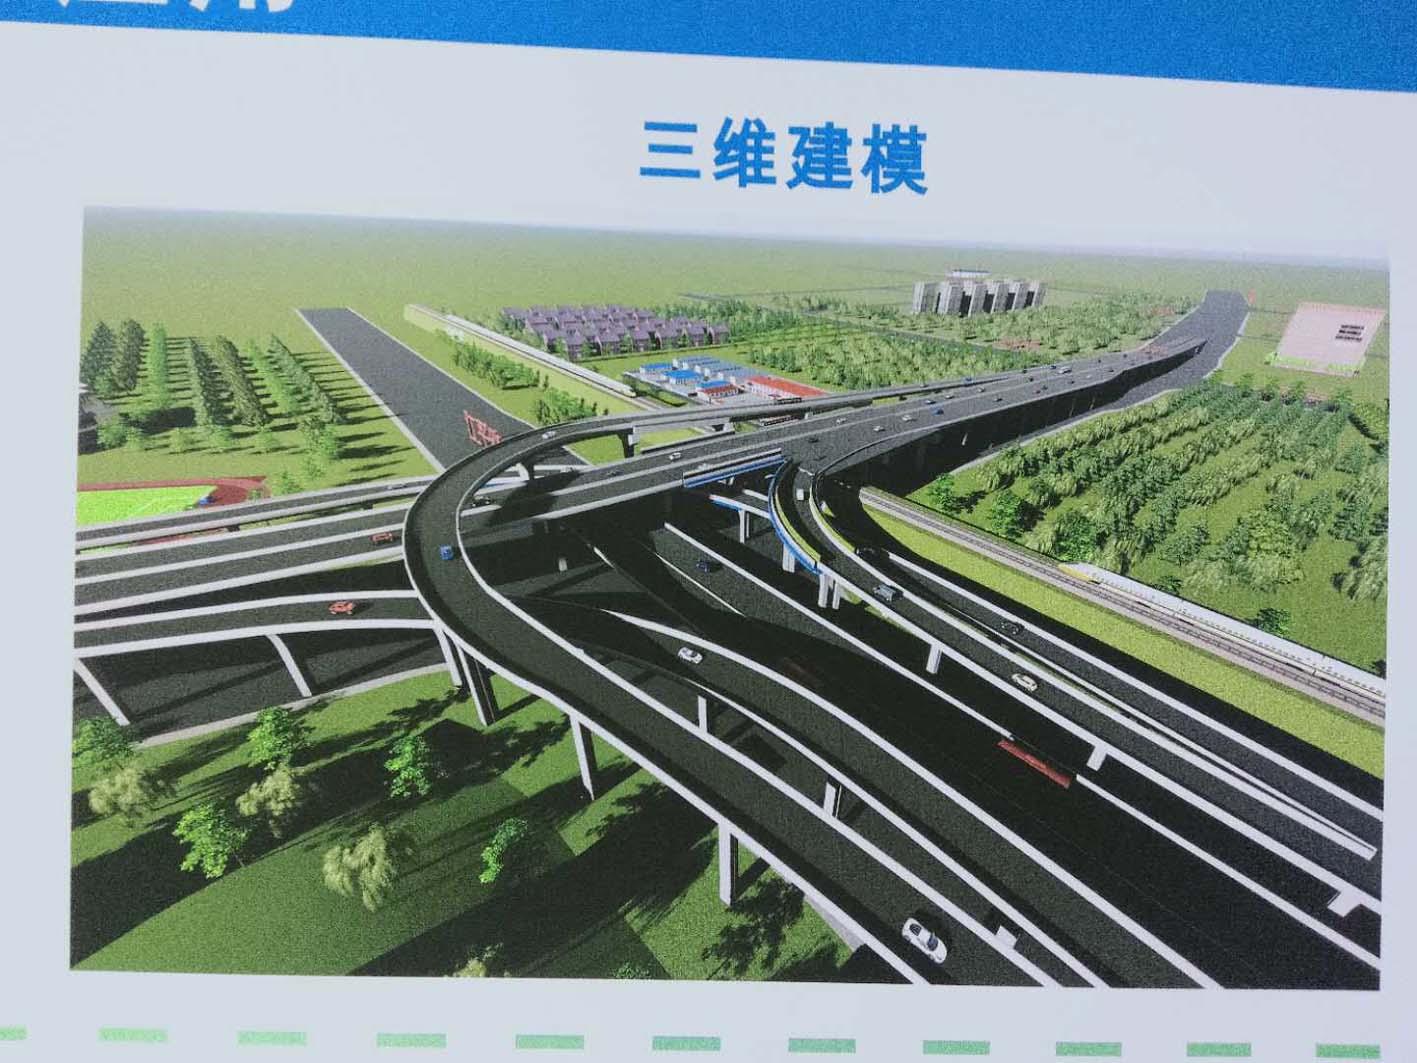 润扬北路互通式立交工程建设采用建筑信息模型新技术